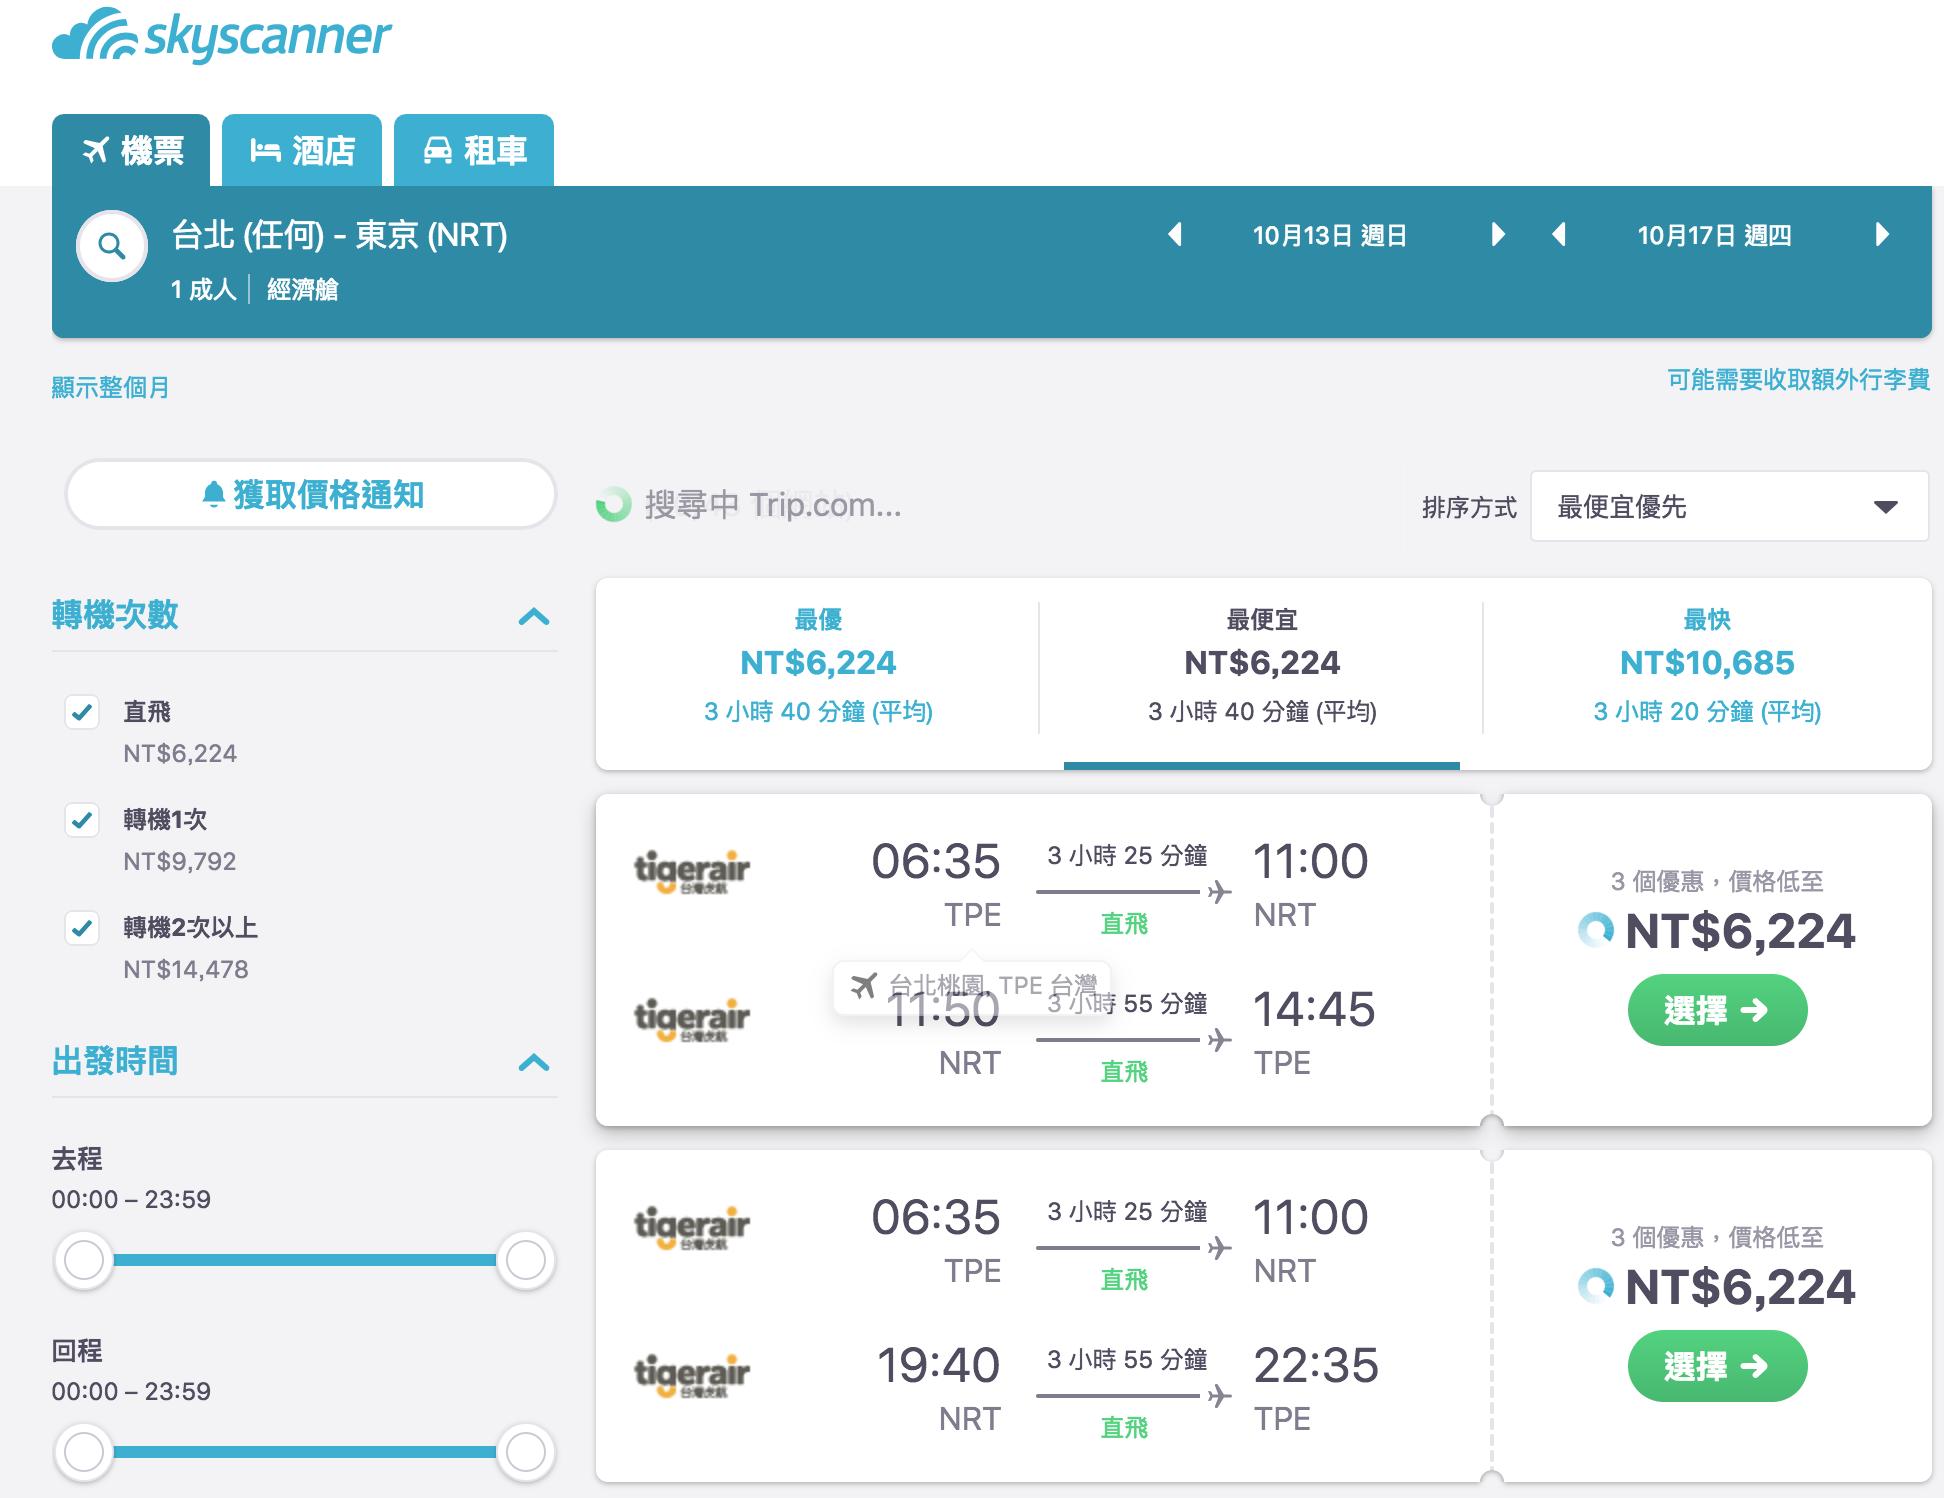 日本/歐洲特價航班這麼多,機票到底應該怎麼買?三大原則請把握唷~ @走走停停,小燈泡在旅行